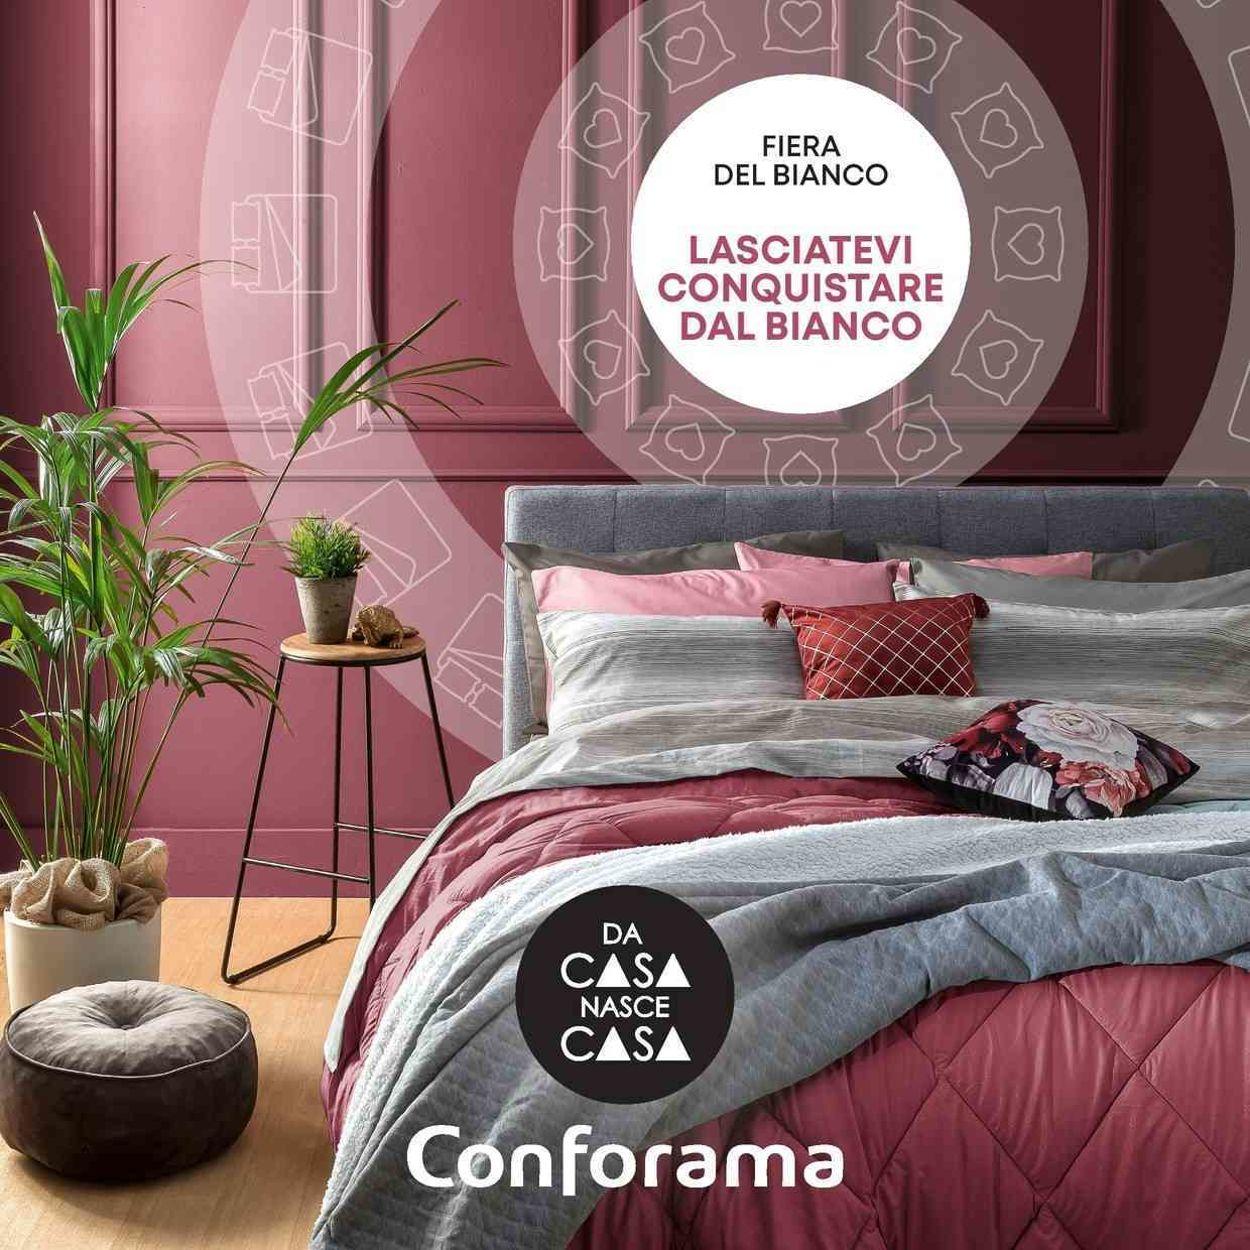 Volantino Conforama - Fiera Del Bianco 2021 - Offerte 02/01-31/01/2021